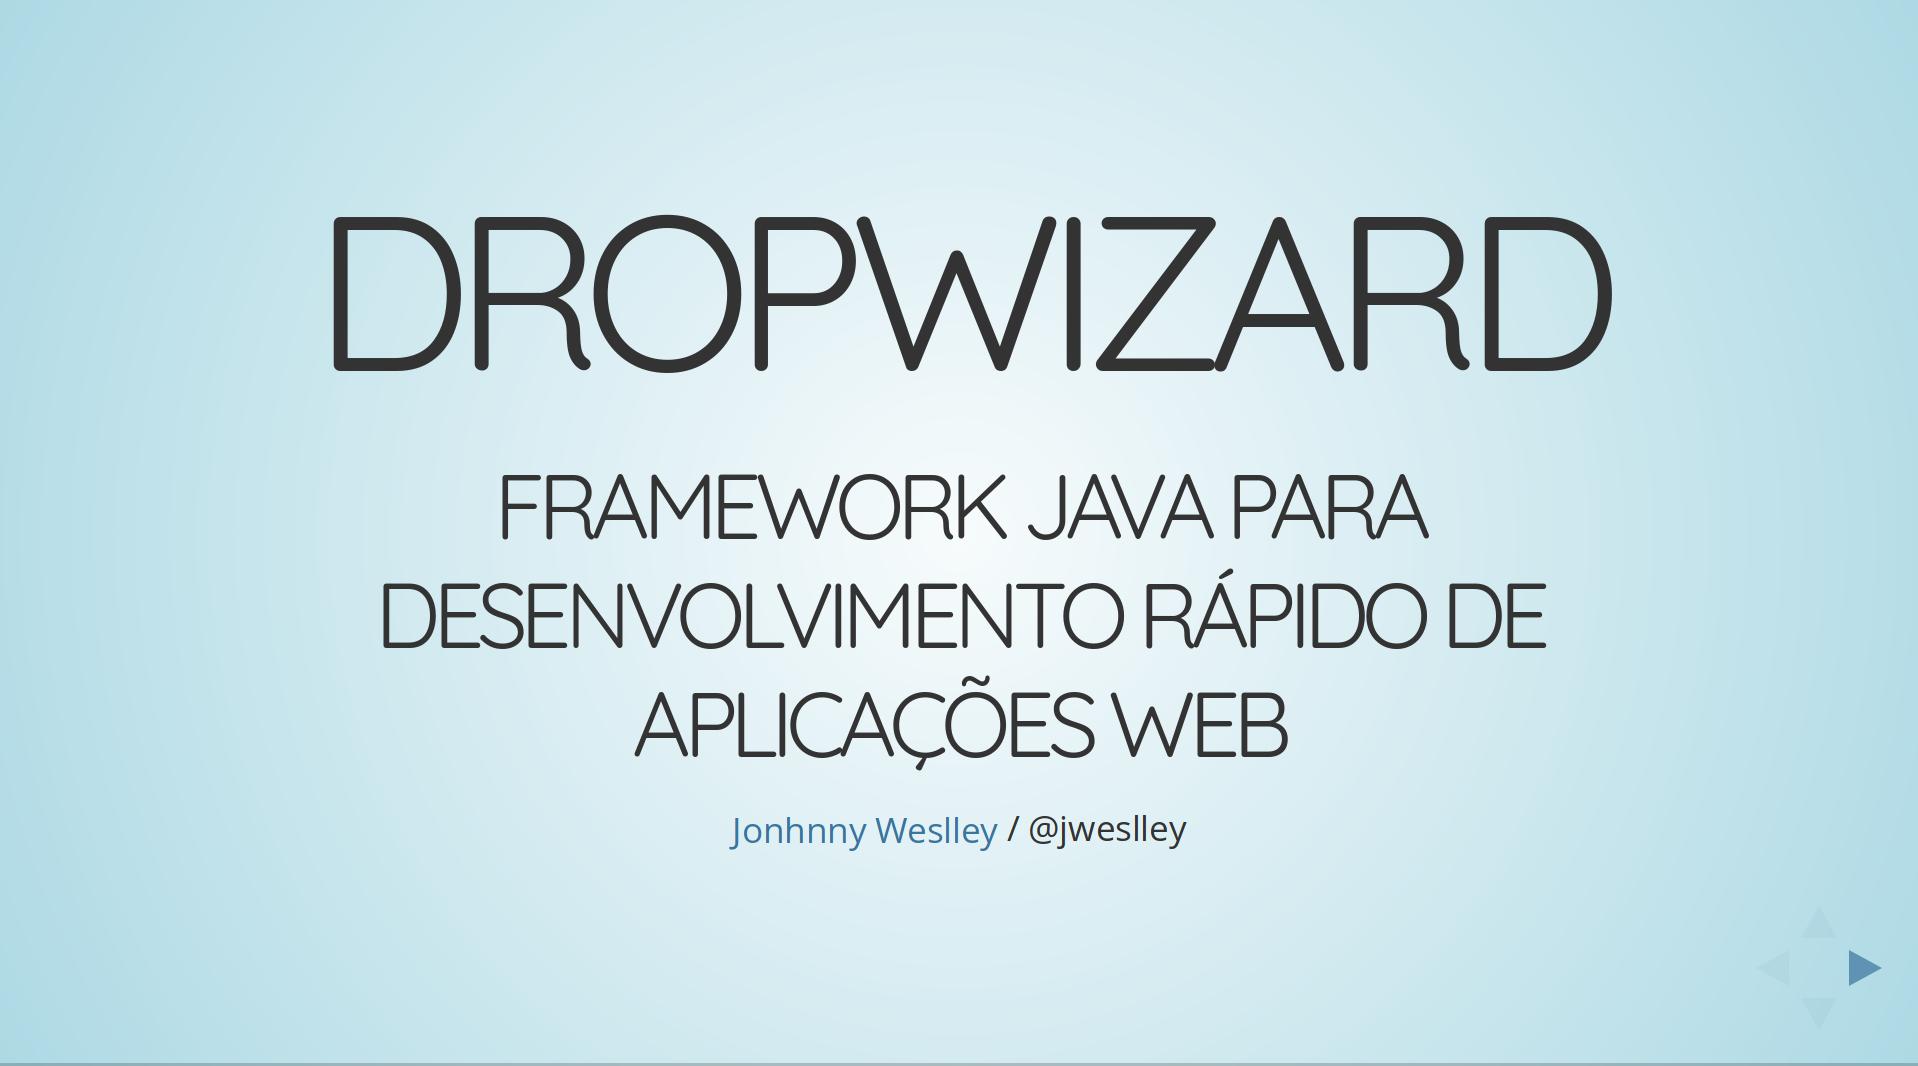 Dropwizard: Framework Java para desenvolvimento rápido de aplicações Web